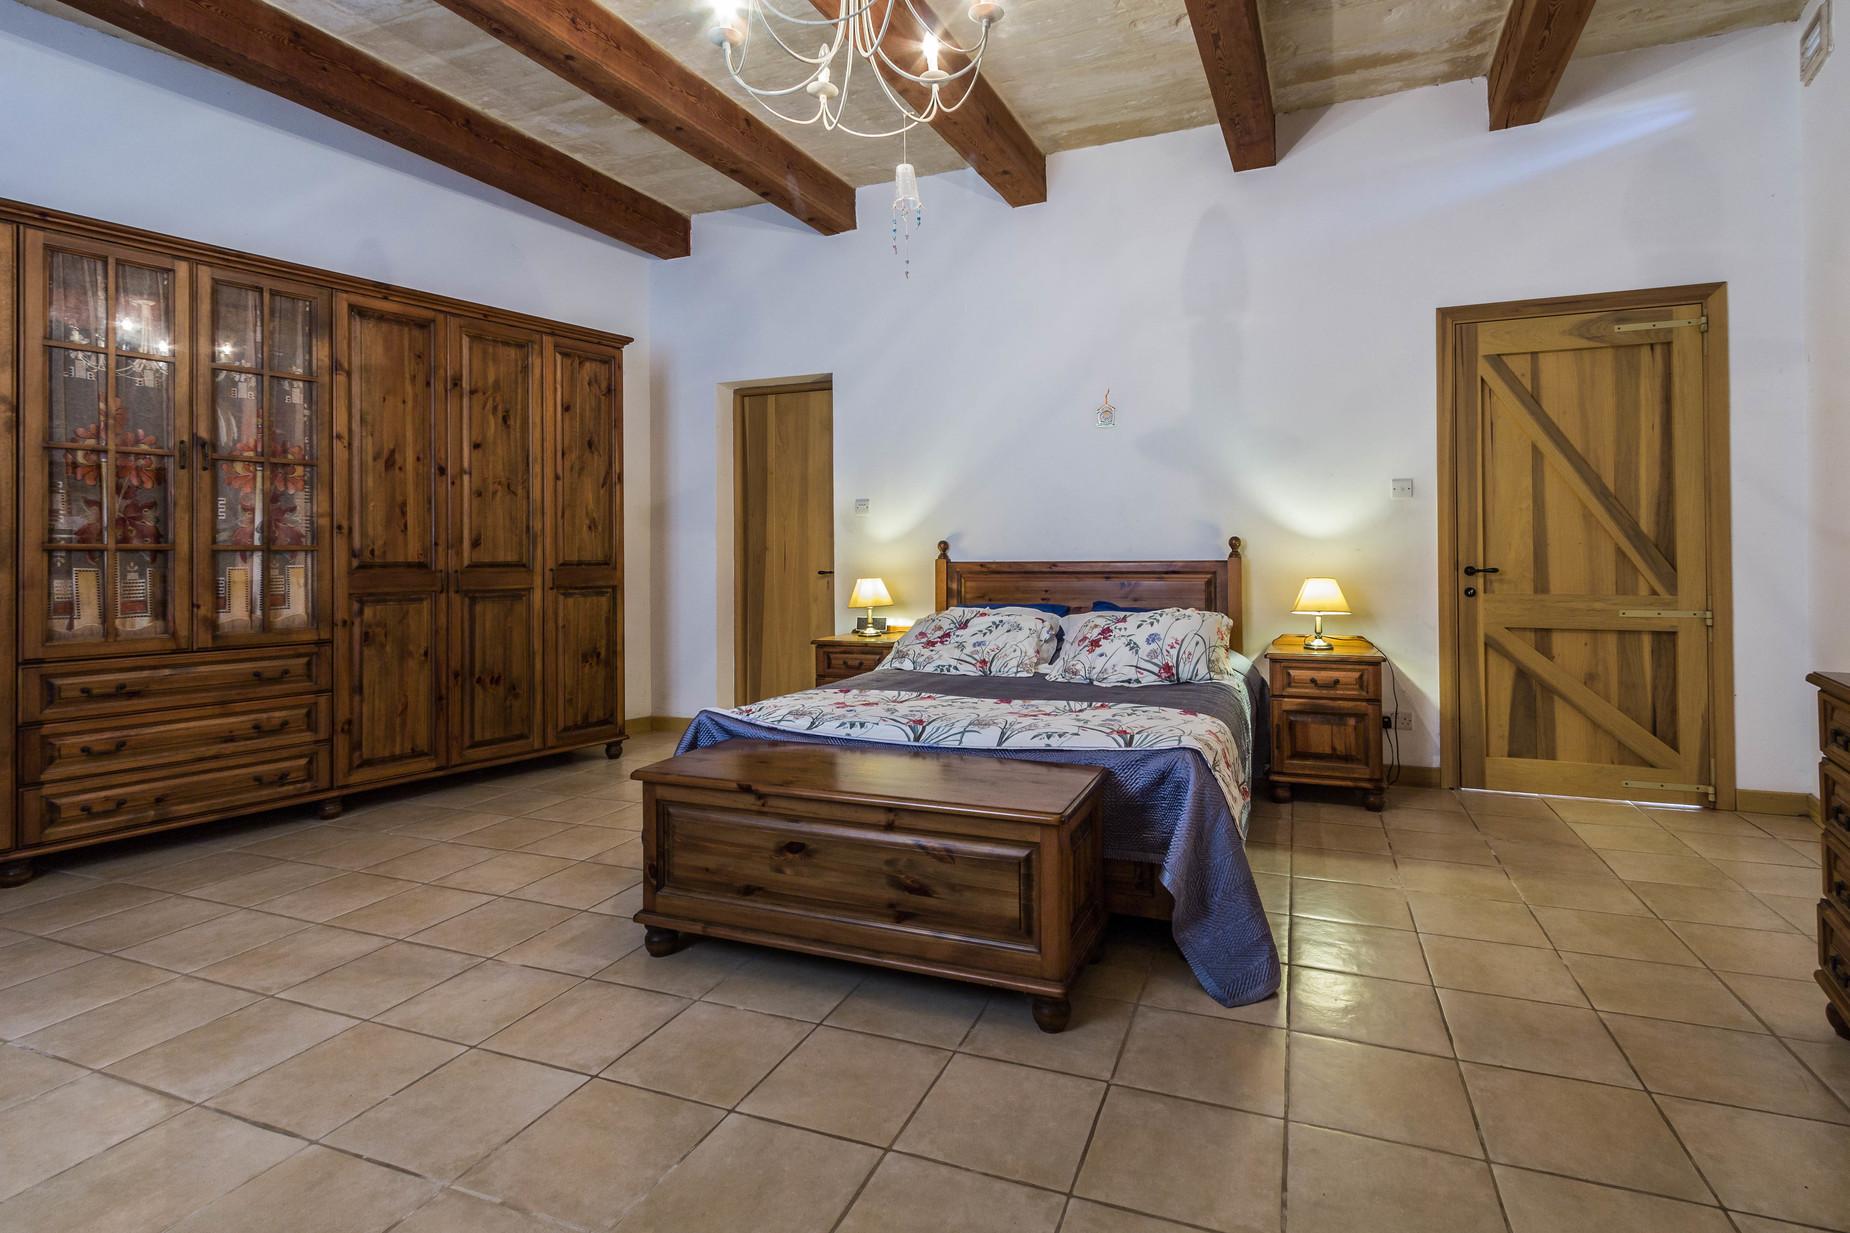 4 bed Farmhouse For Sale in Zejtun, Zejtun - thumb 15